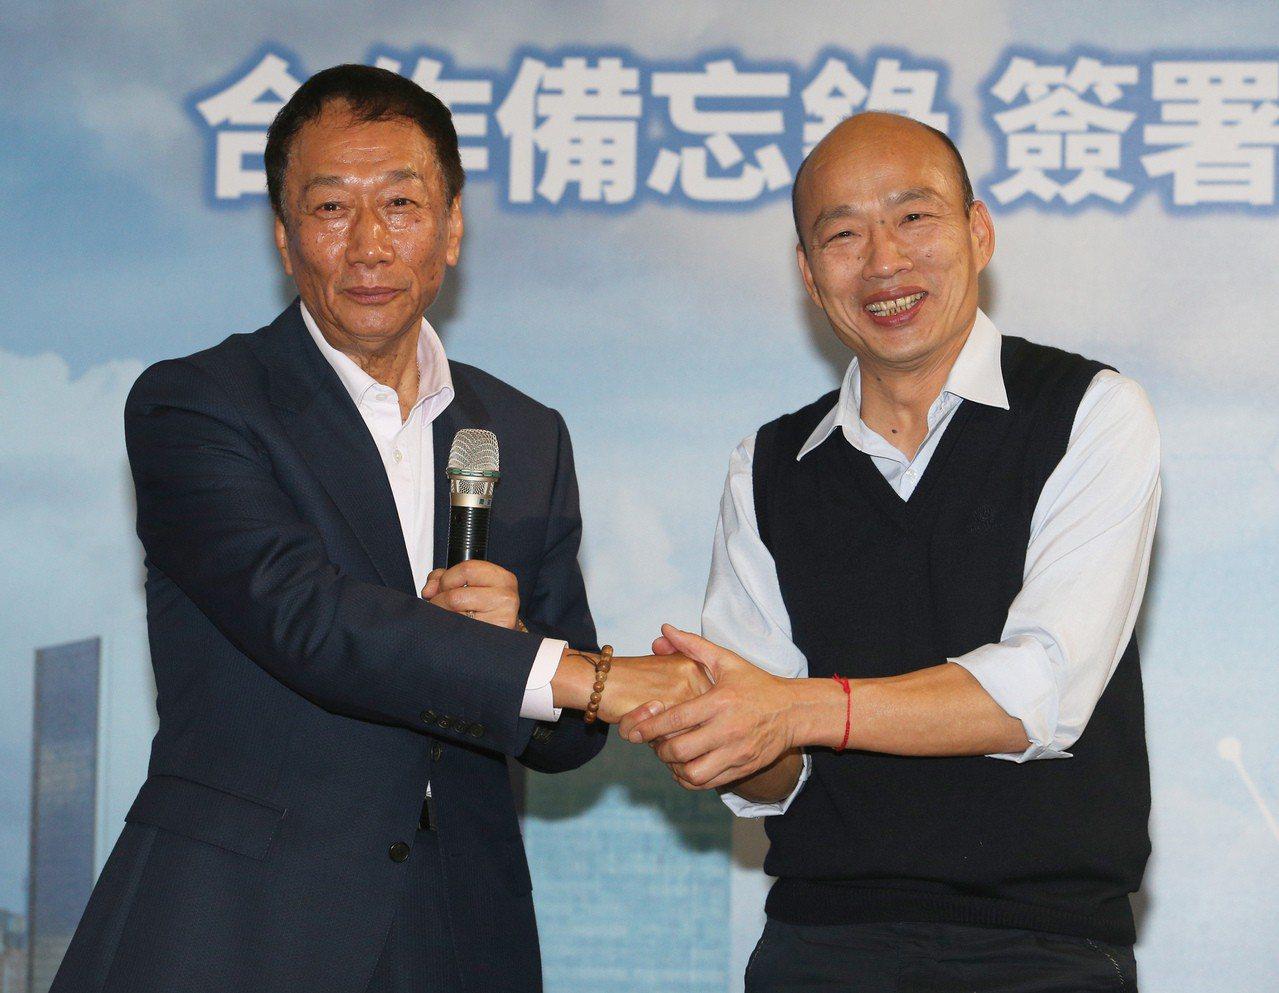 鴻海集團總裁郭台銘(左)與高雄市長韓國瑜(右)。記者劉學聖/攝影